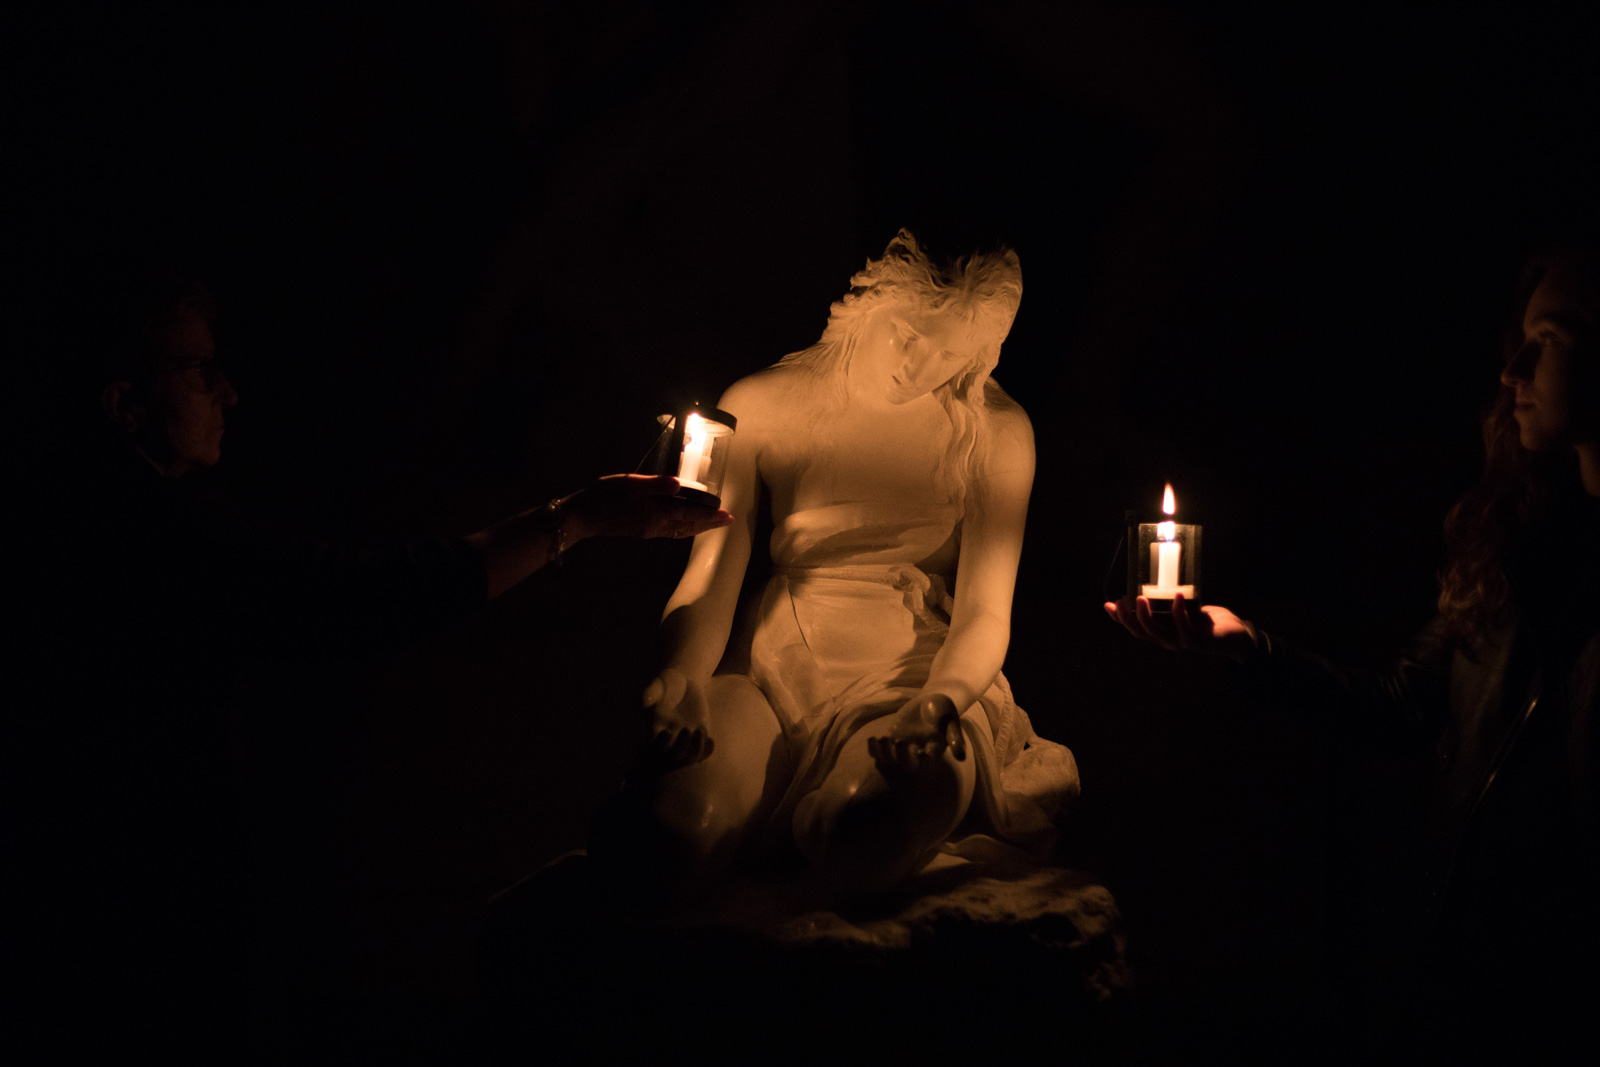 Le statue di Canova alla luce delle lanterne